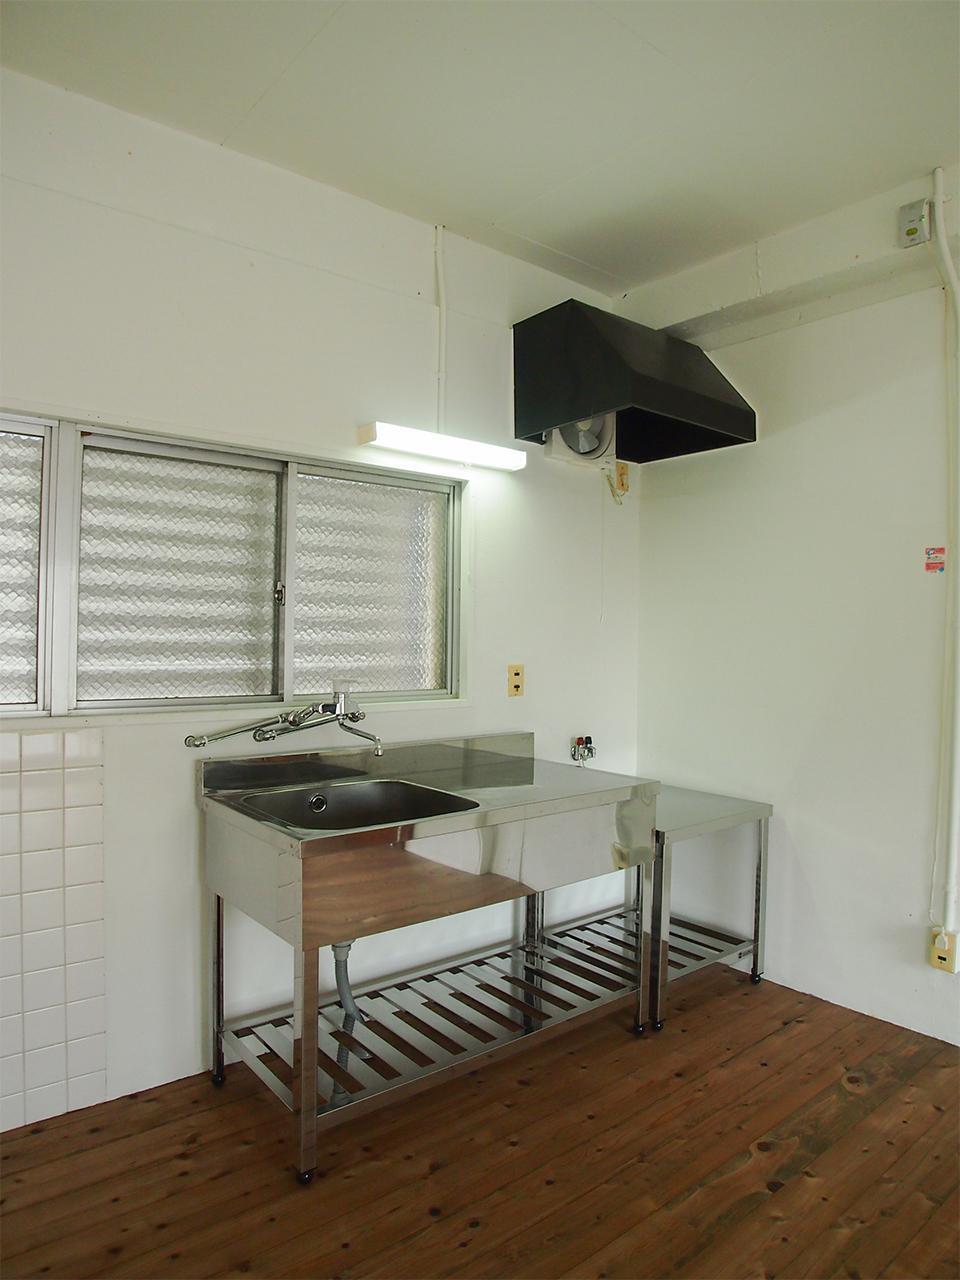 ステンレスの業務用キッチン